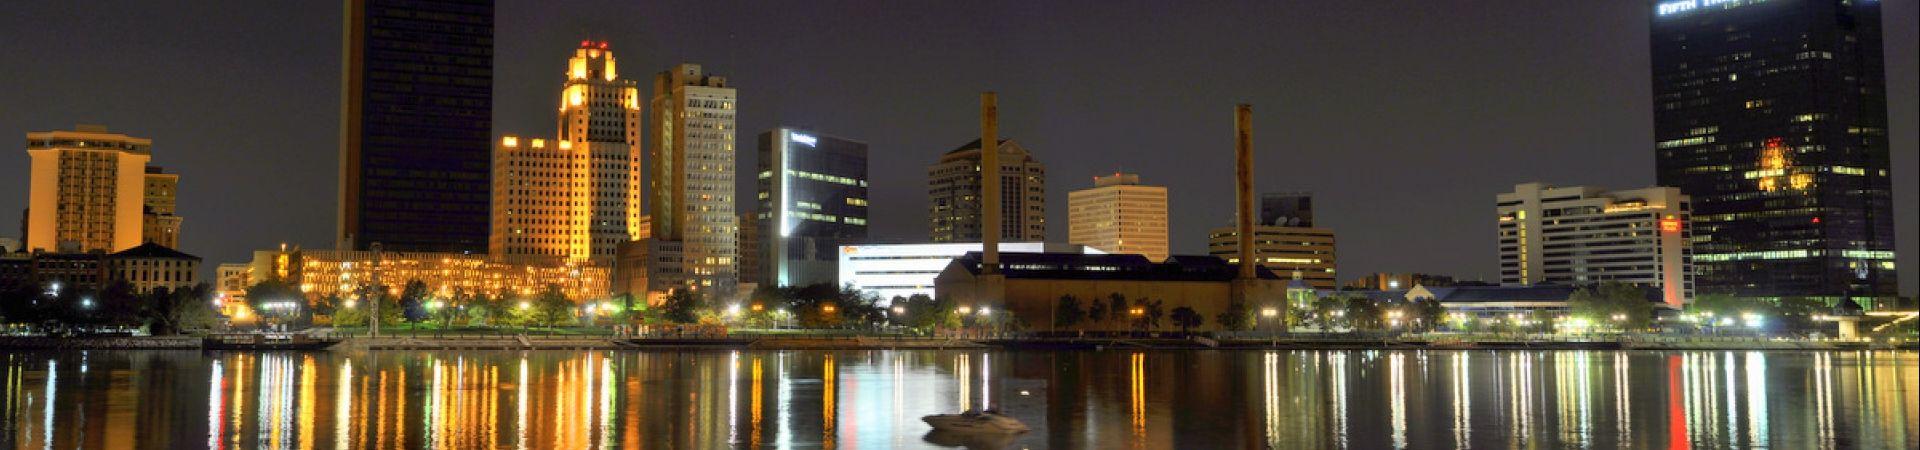 Toledo ohio skyline at night